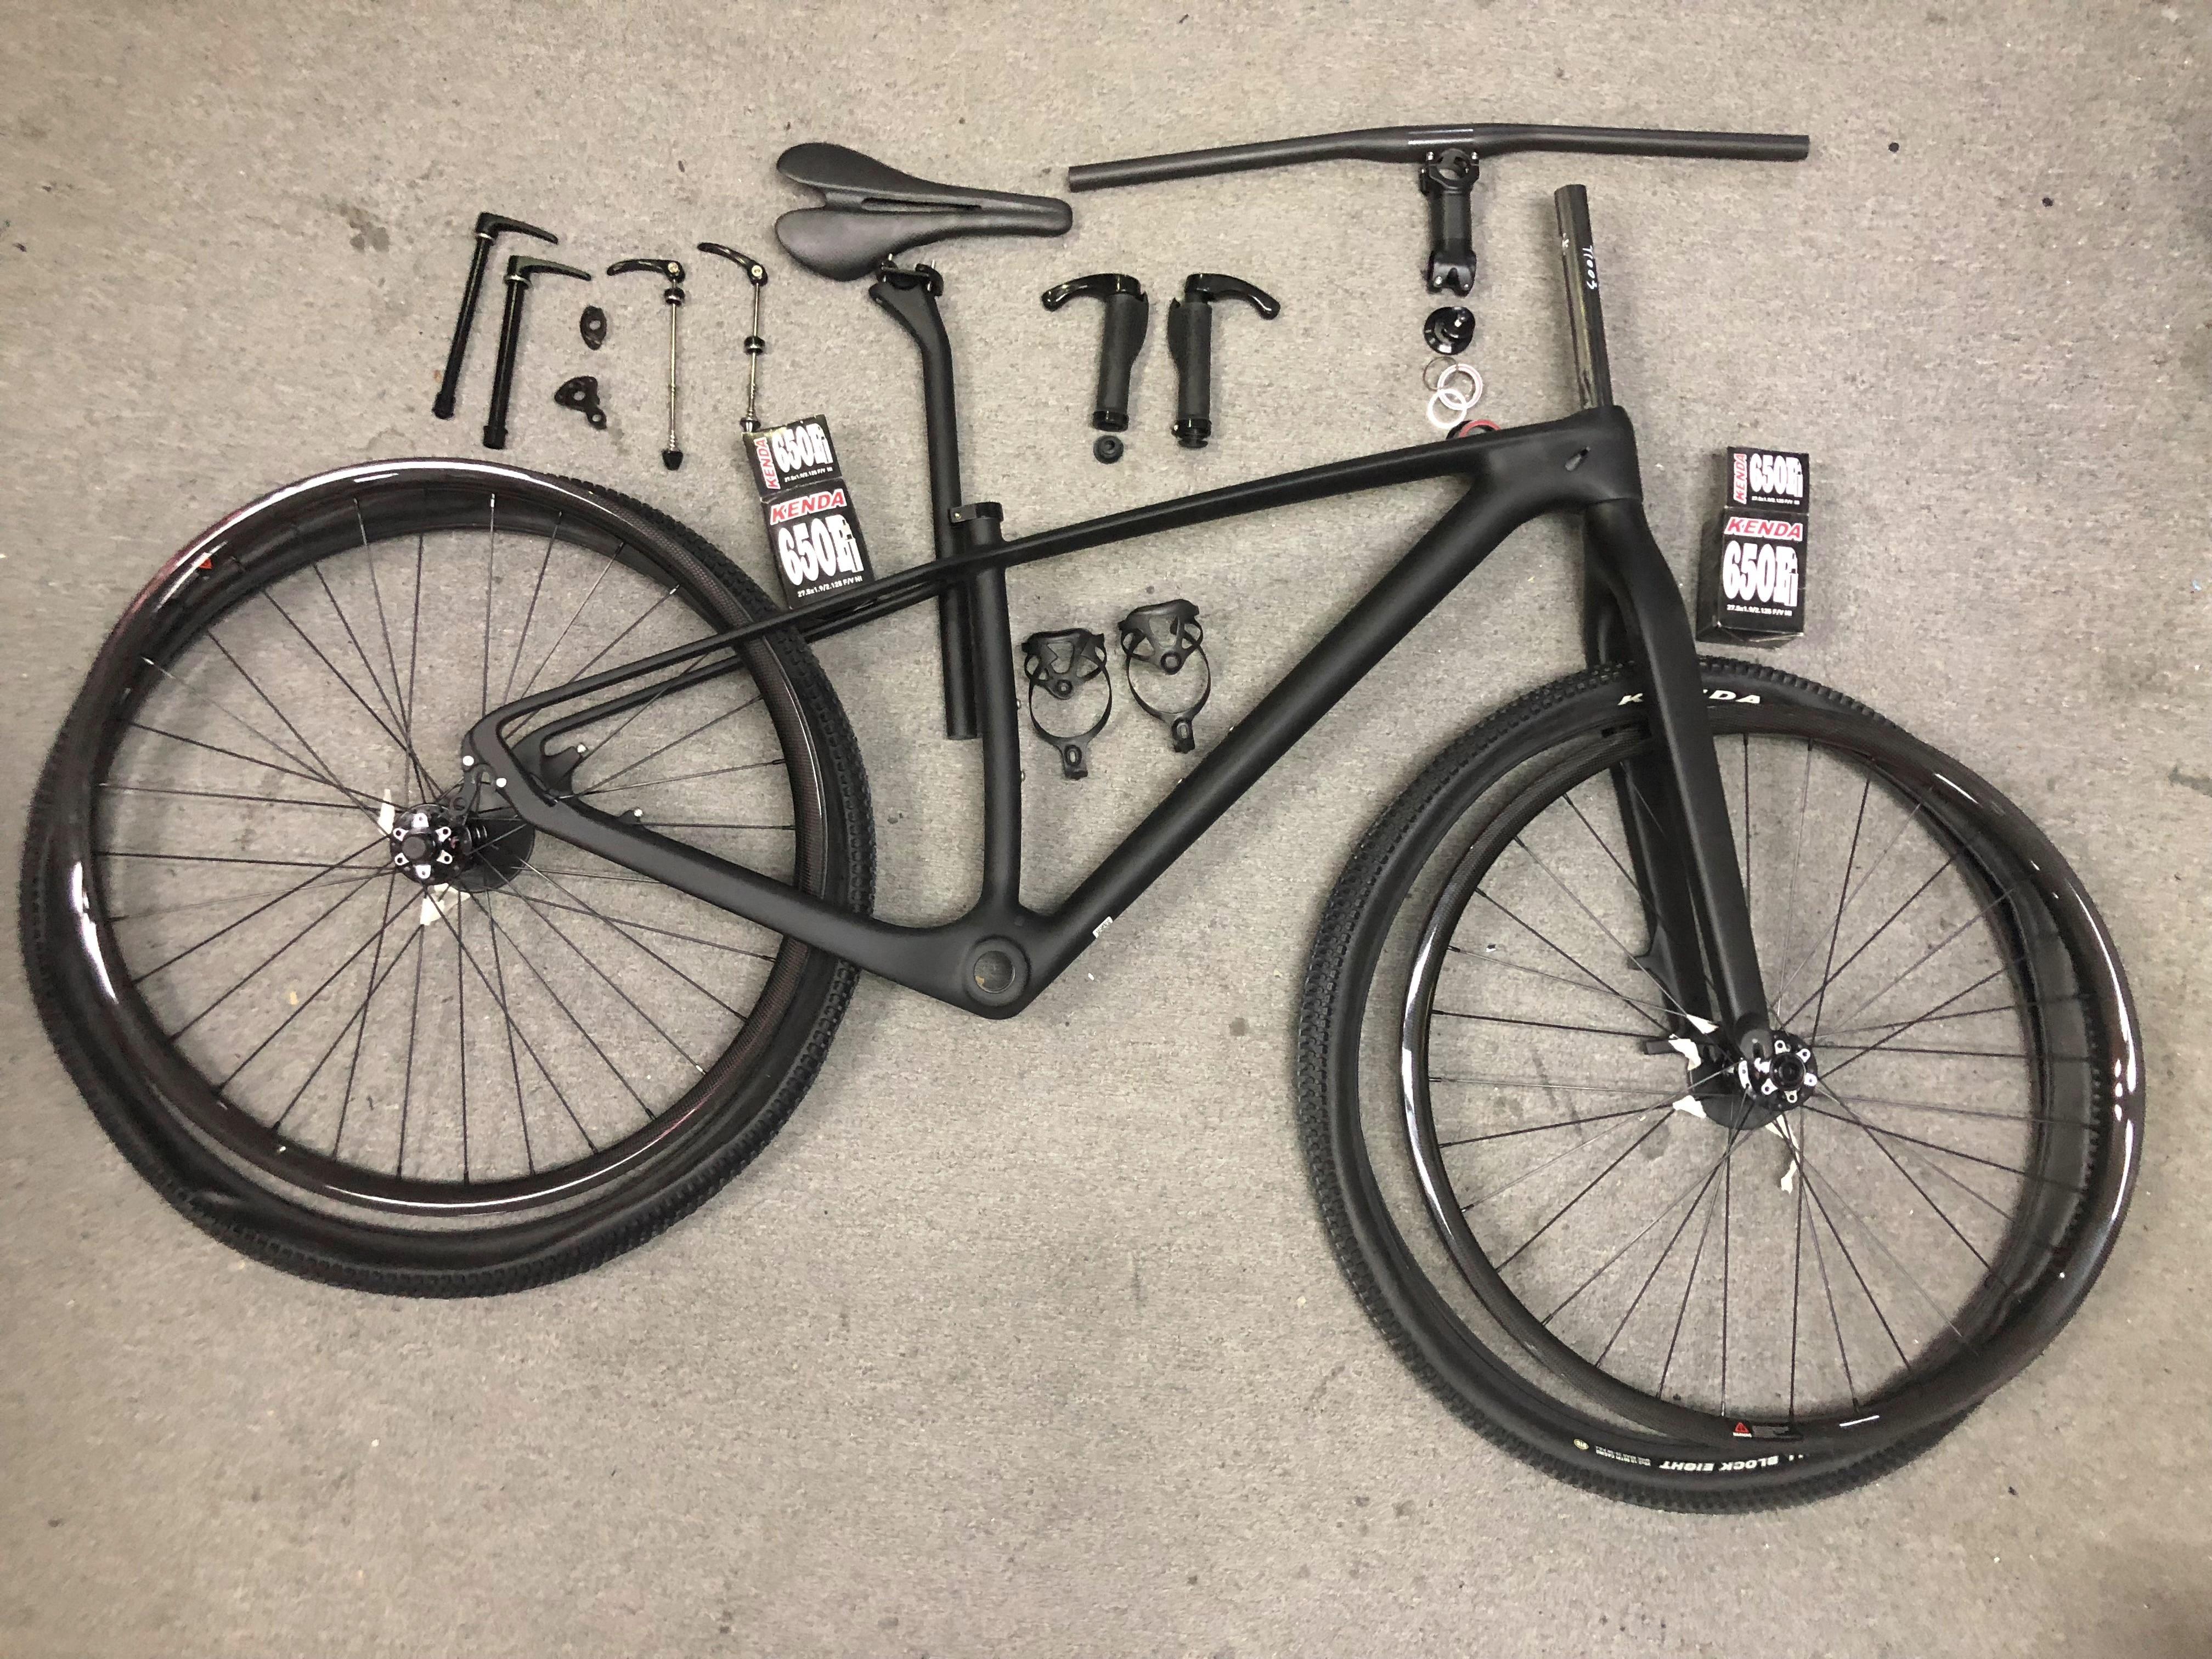 УГЛЕРОДНЫЙ горный велосипед 29er, двойной дисковый тормоз 29 27.5er, колесная рама для велосипеда, группа 15 17 19 дюймов, полный велосипед без группо...